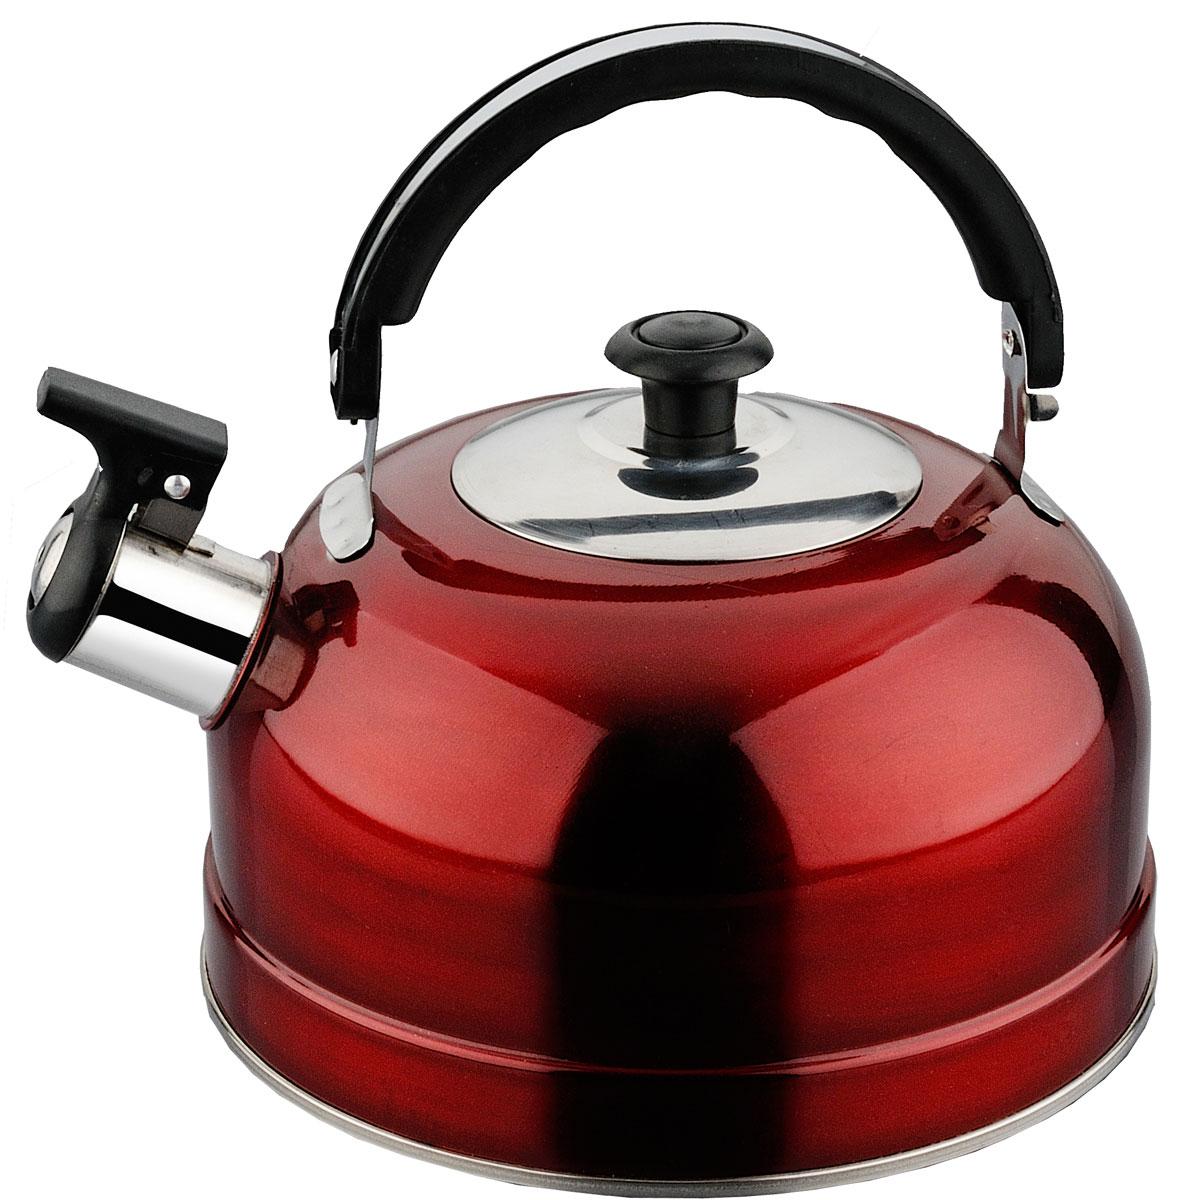 Чайник Irit, со свистком, цвет: красный, 2,5 лIRH-418 красныйЧайник Irit изготовлен из высококачественной нержавеющей стали, имеет однослойное дно. Нержавеющая сталь обладает высокой устойчивостью к коррозии, не вступает в реакцию с холодными и горячими продуктами и полностью сохраняет их вкусовые качества. Чайник оснащен удобной подвижной ручкой из термостойкого пластика, которая не нагревается. Носик чайника имеет откидной свисток, звуковой сигнал которого подскажет, когда закипит вода.